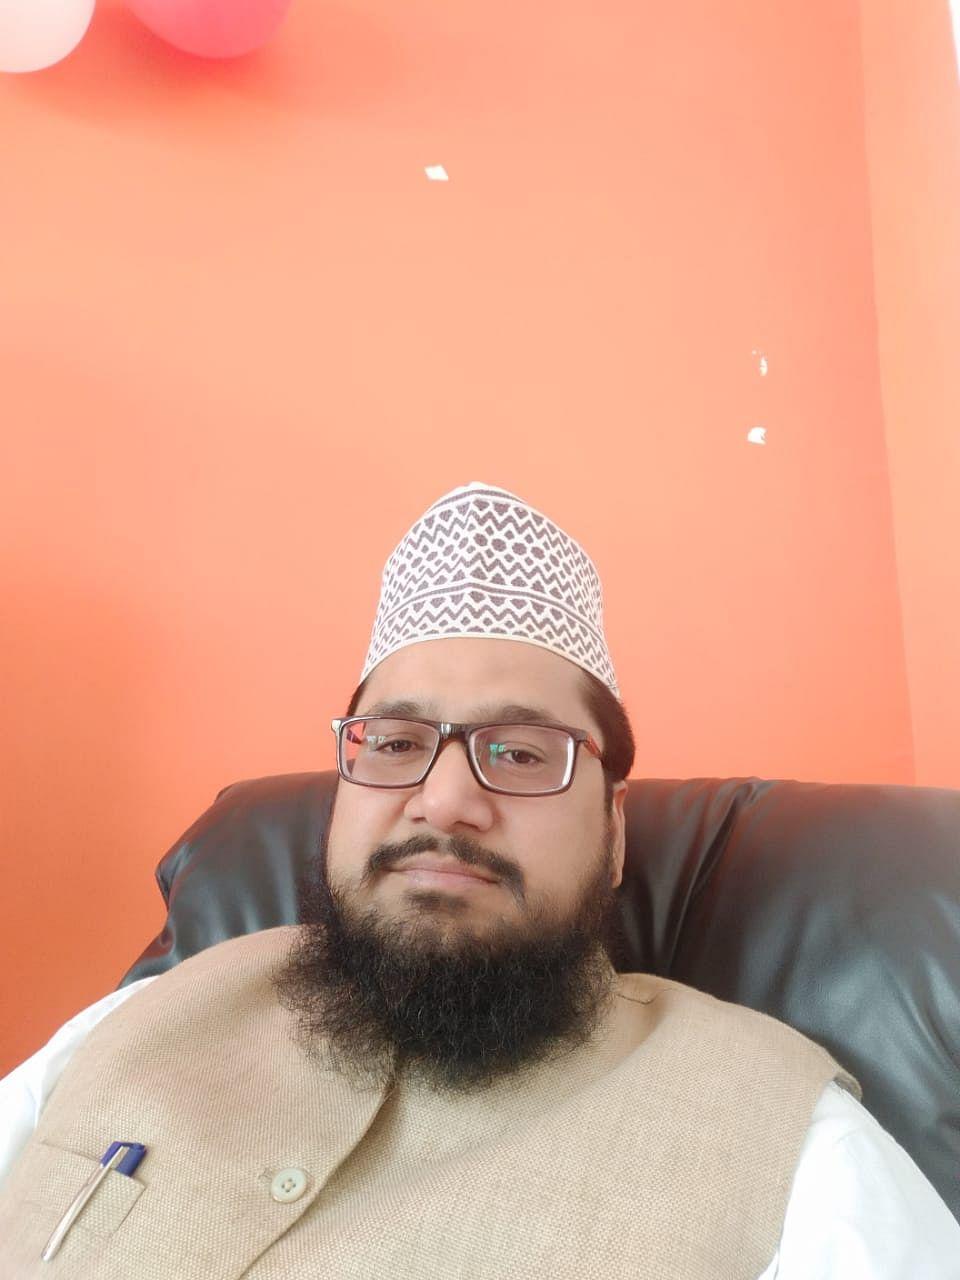 वसीम रिज़वी दुवारा कुरान की आयात के खिलाफ दायर याचिका का किया विरोध